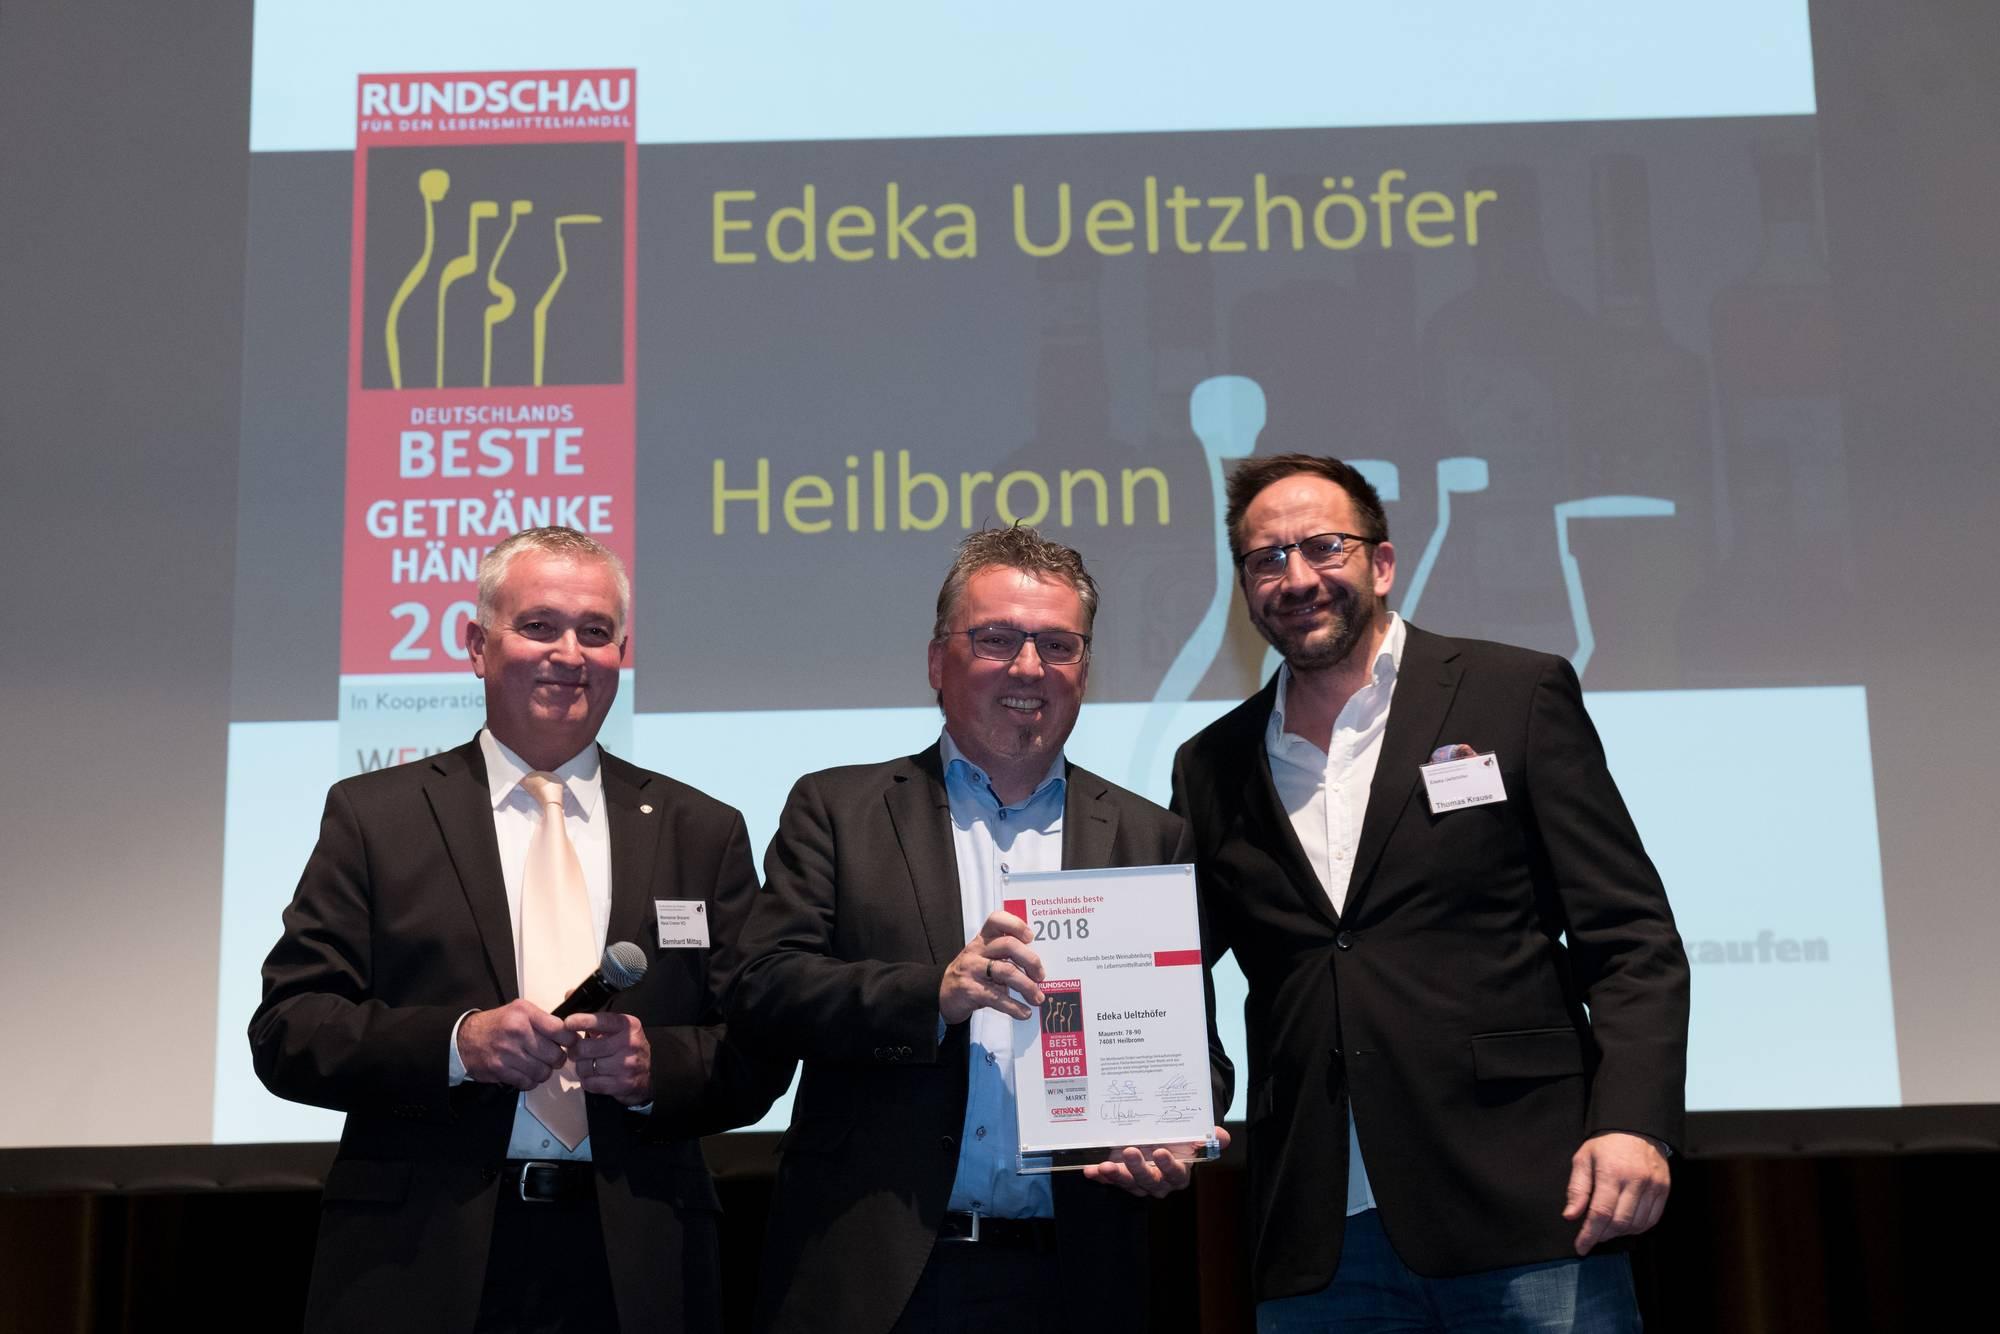 Aktuelle Gewinner - Deutschlands beste Getränkehändler: rundschau.de